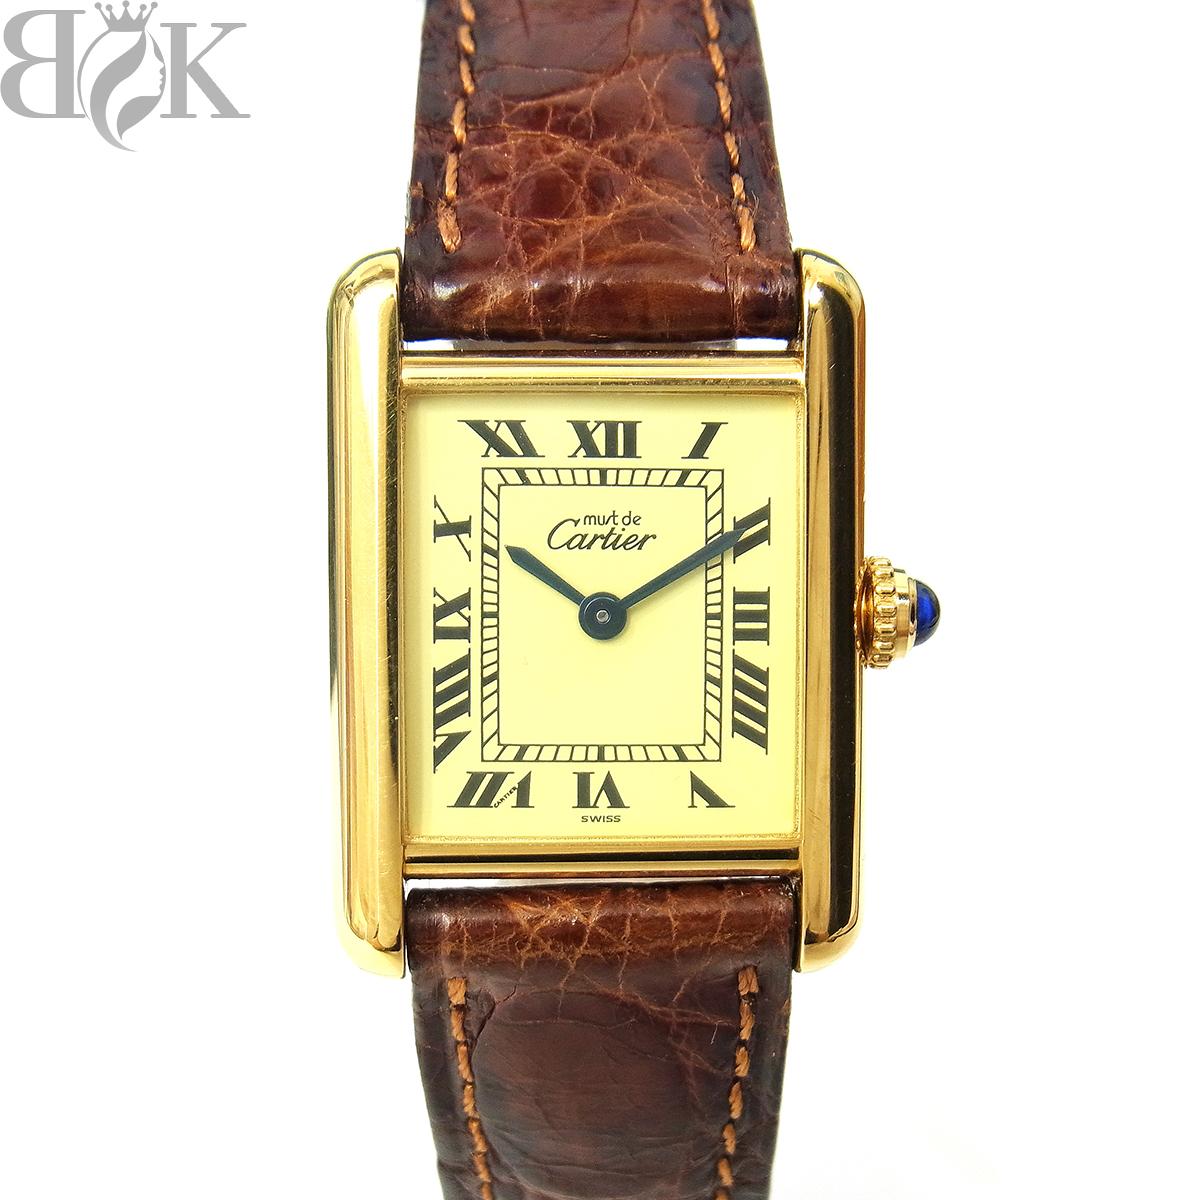 1円~ カルティエ マストタンク ヴェルメイユ 925 レディース 腕時計 クォーツ アイボリー文字盤 動作品 Cartier 〓